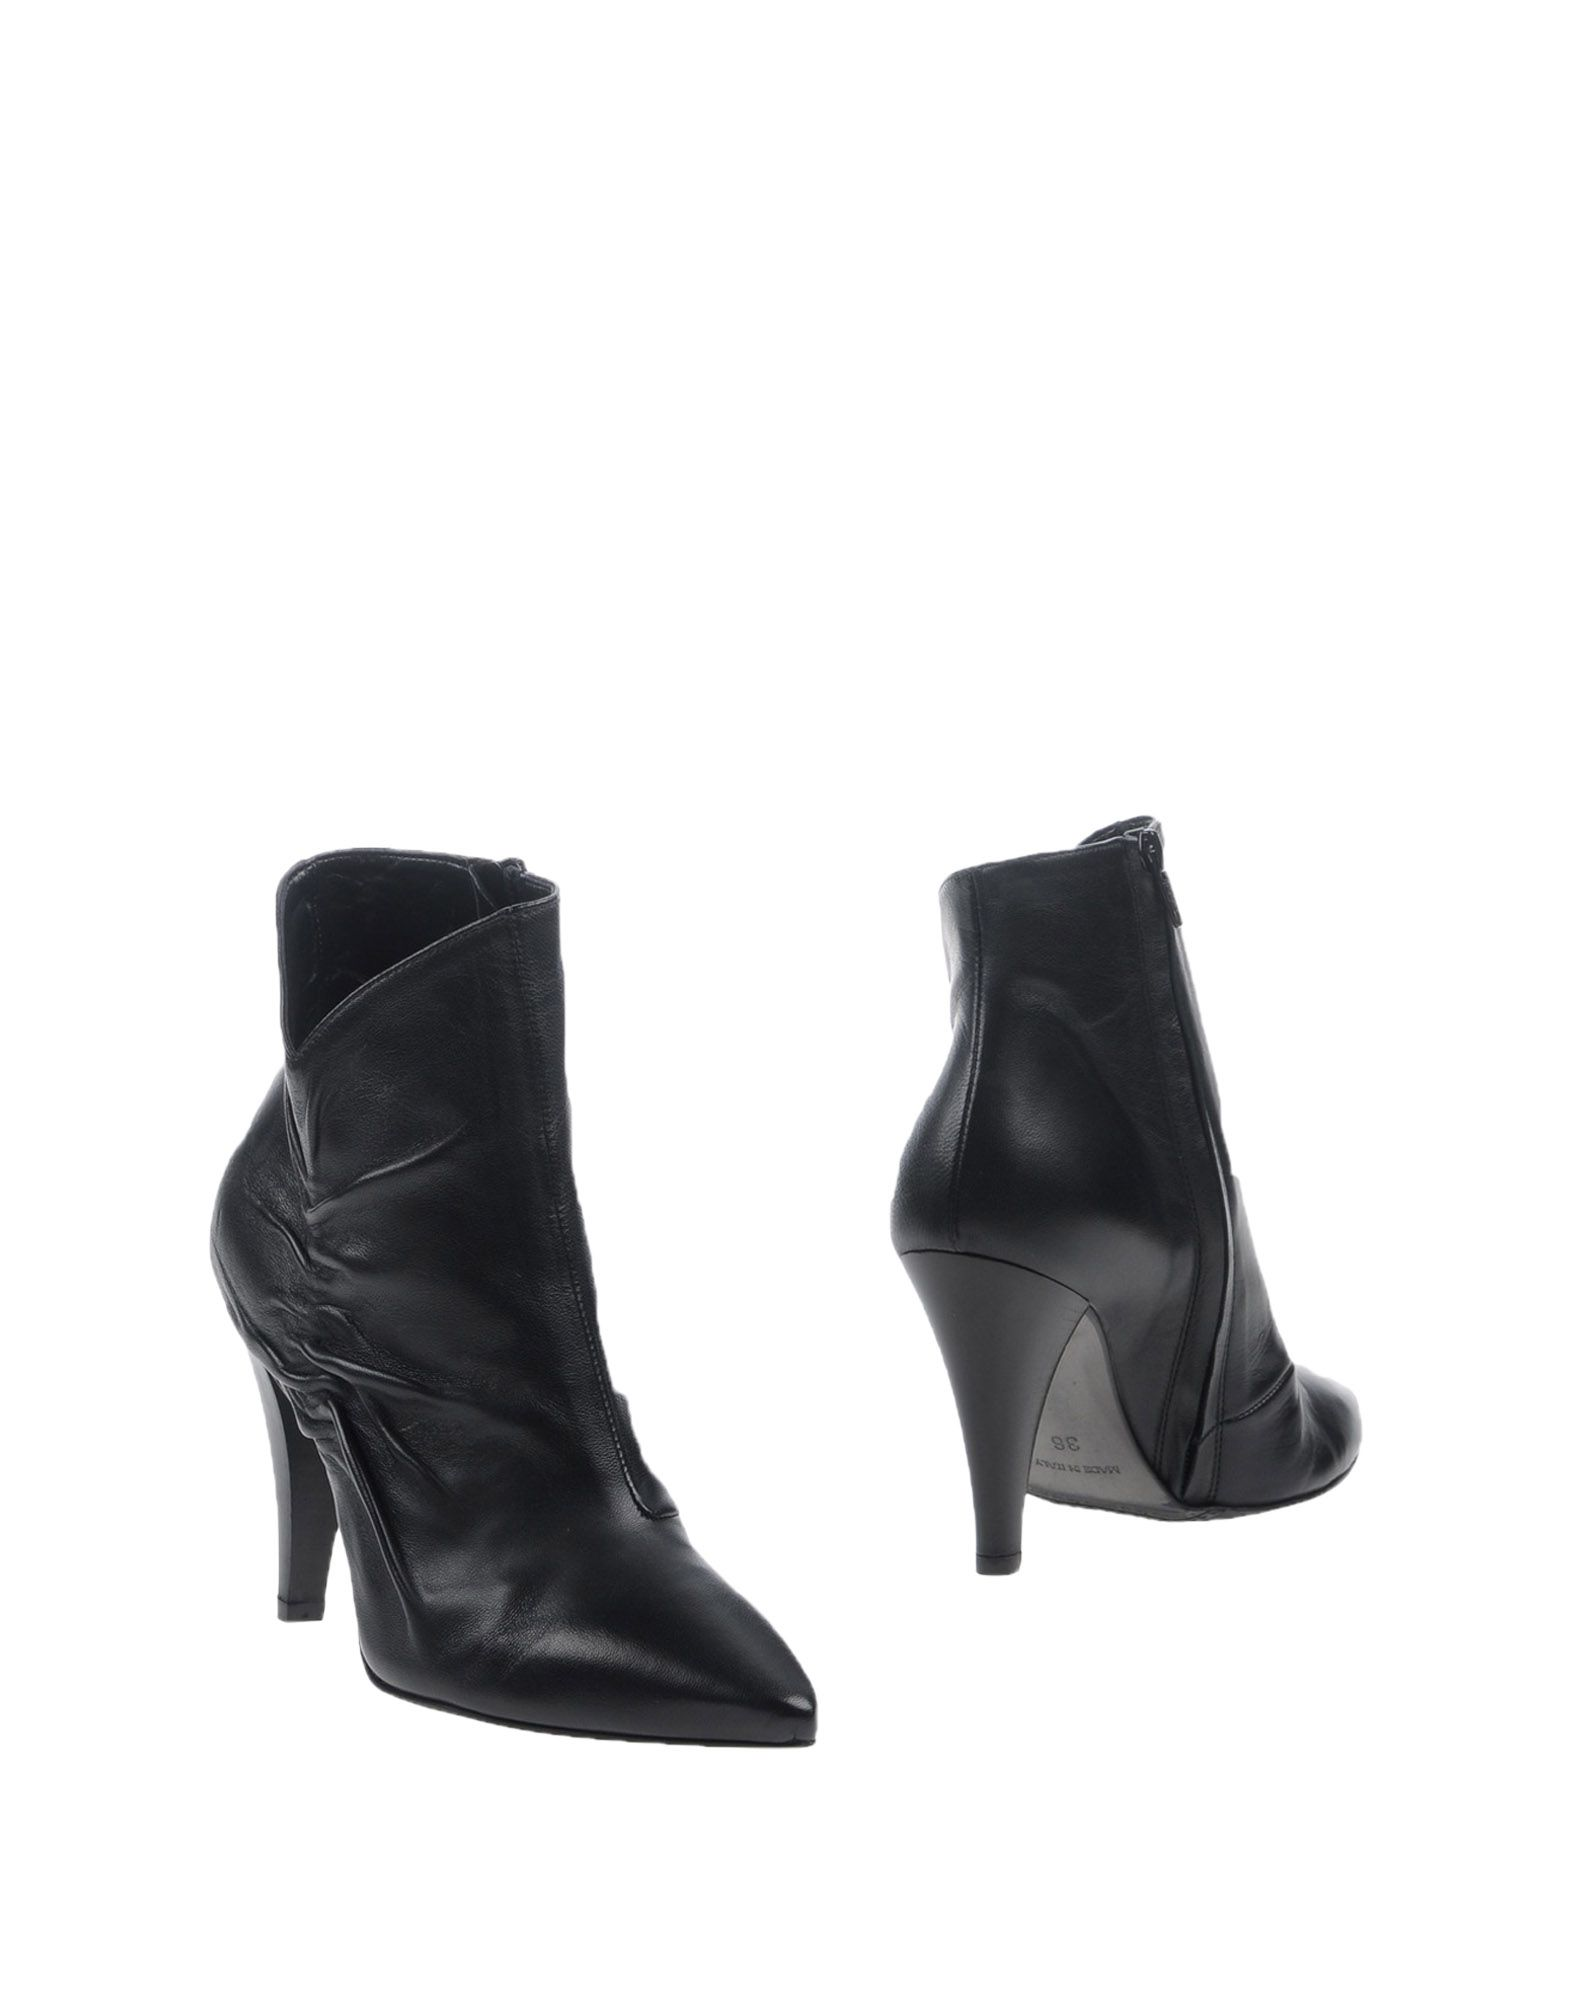 Me+ By Marc Ellis Stiefelette Damen  11259279GE Gute Qualität beliebte Schuhe